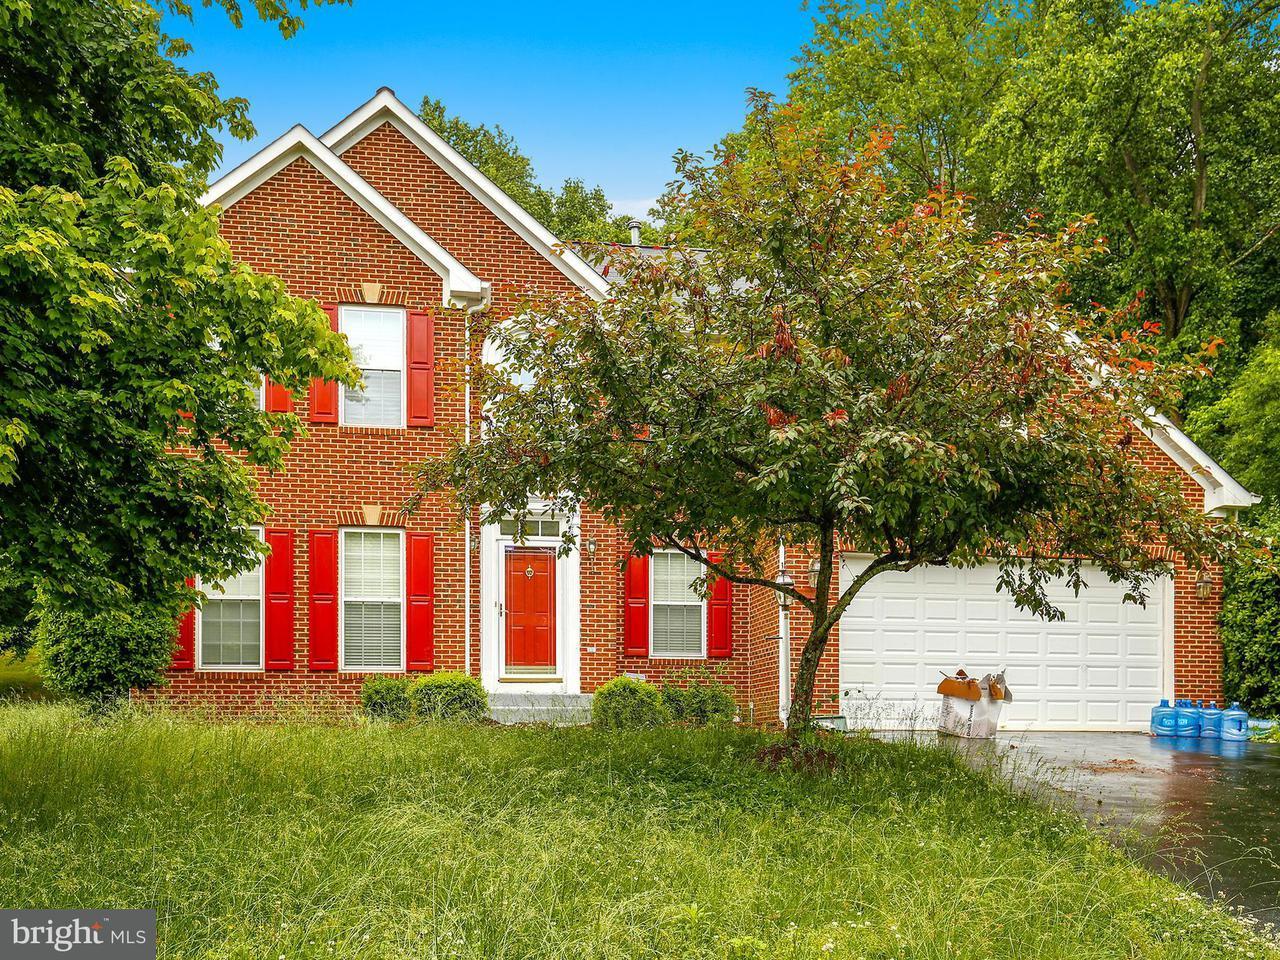 Частный односемейный дом для того Продажа на 1101 Streetrausberg Street 1101 Streetrausberg Street Accokeek, Мэриленд 20607 Соединенные Штаты